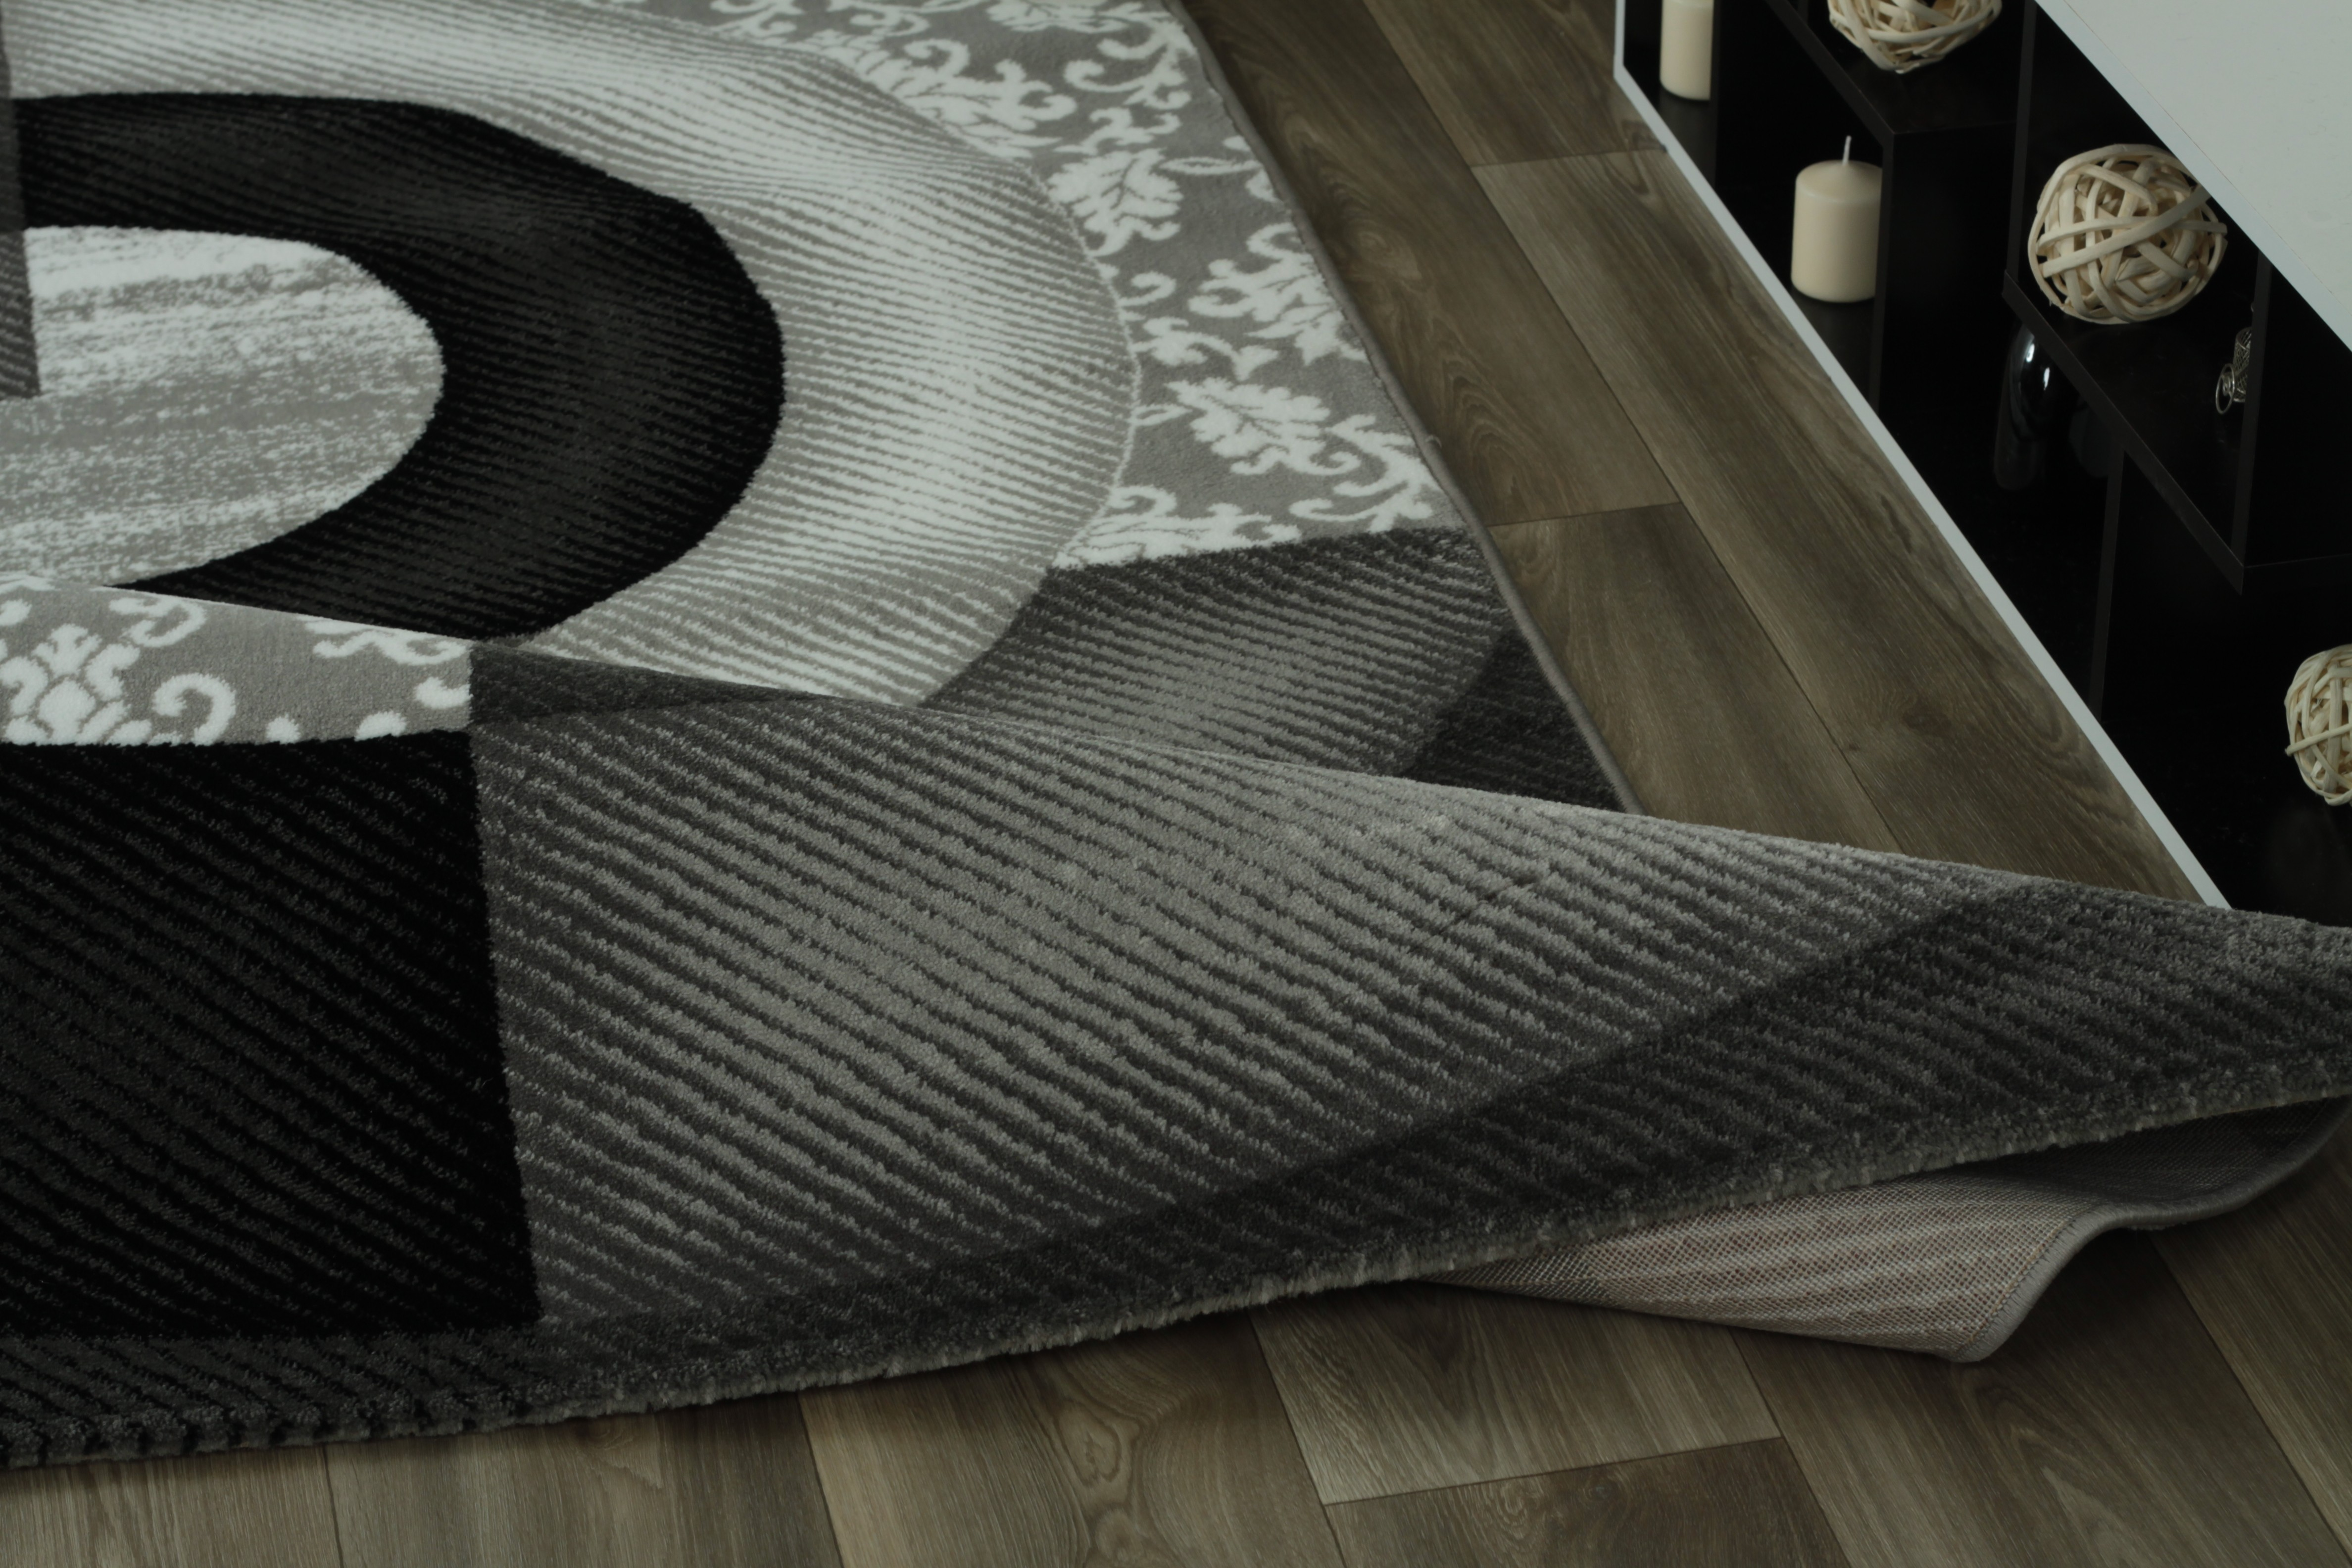 Tapis de salon design rectangulaire courtes m ches gris for Tapis de salon design